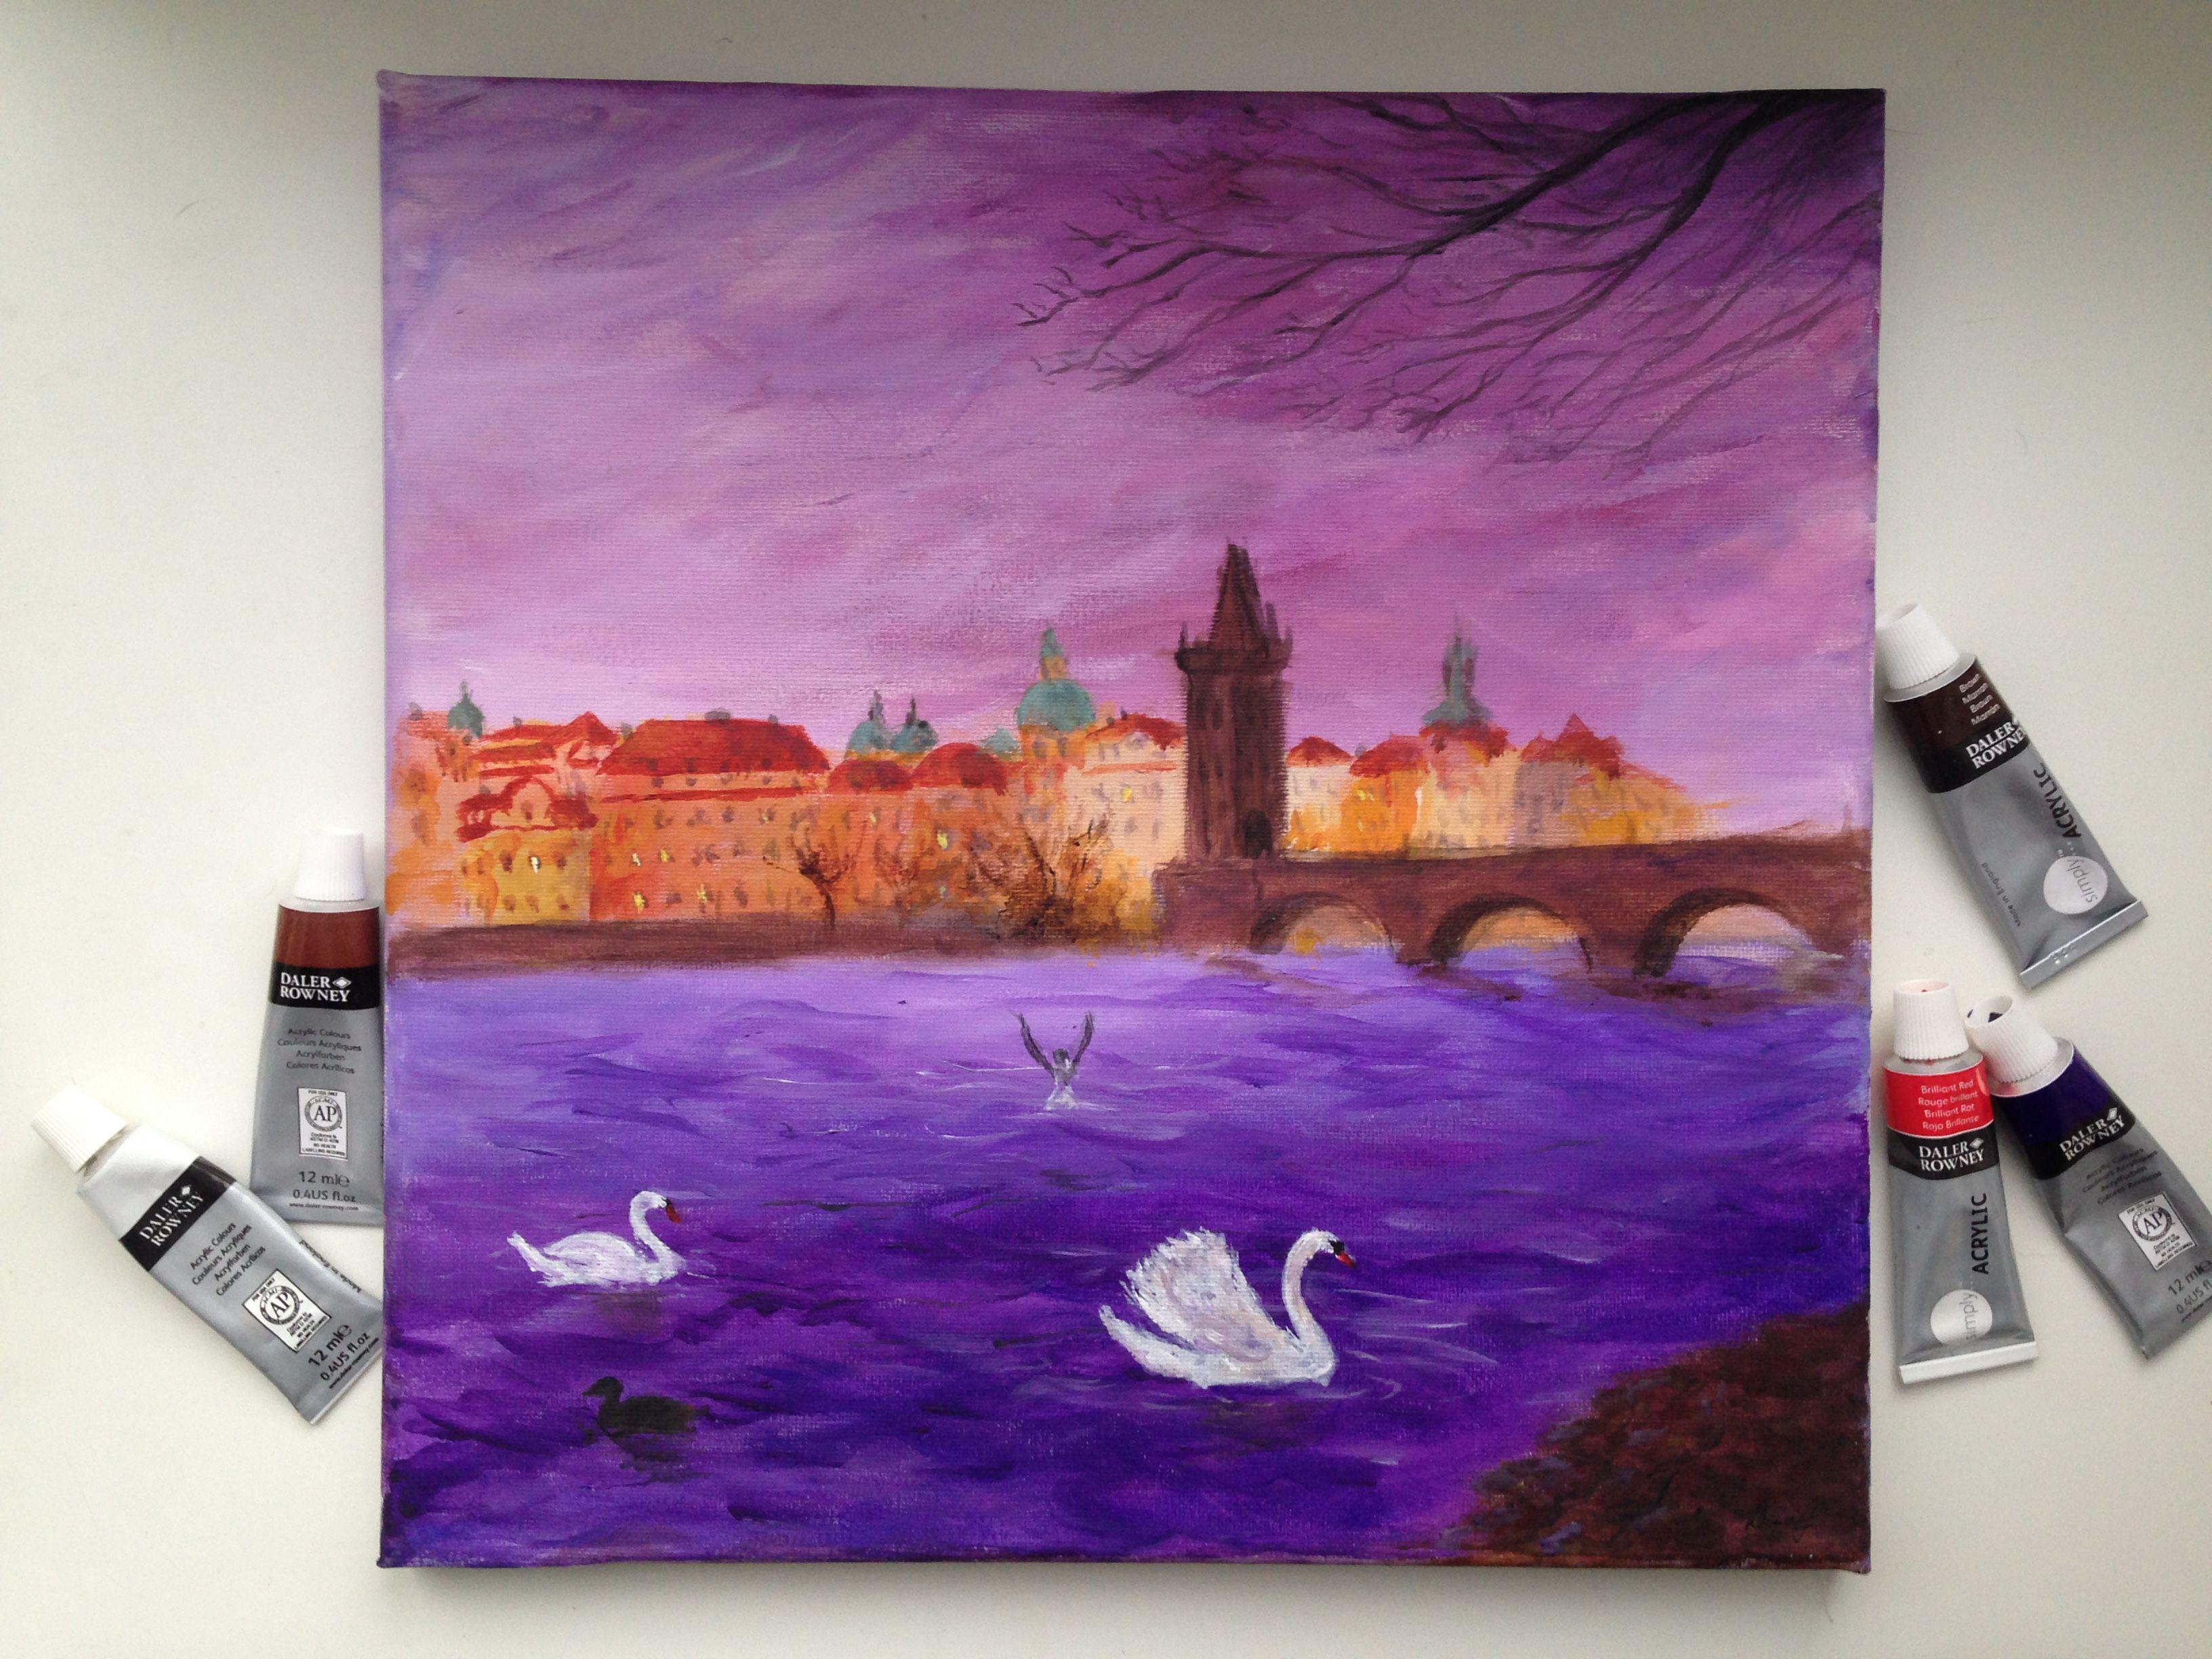 картина арт мост влатва прага карлов акрил живопись  пейзаж искусство лебедь